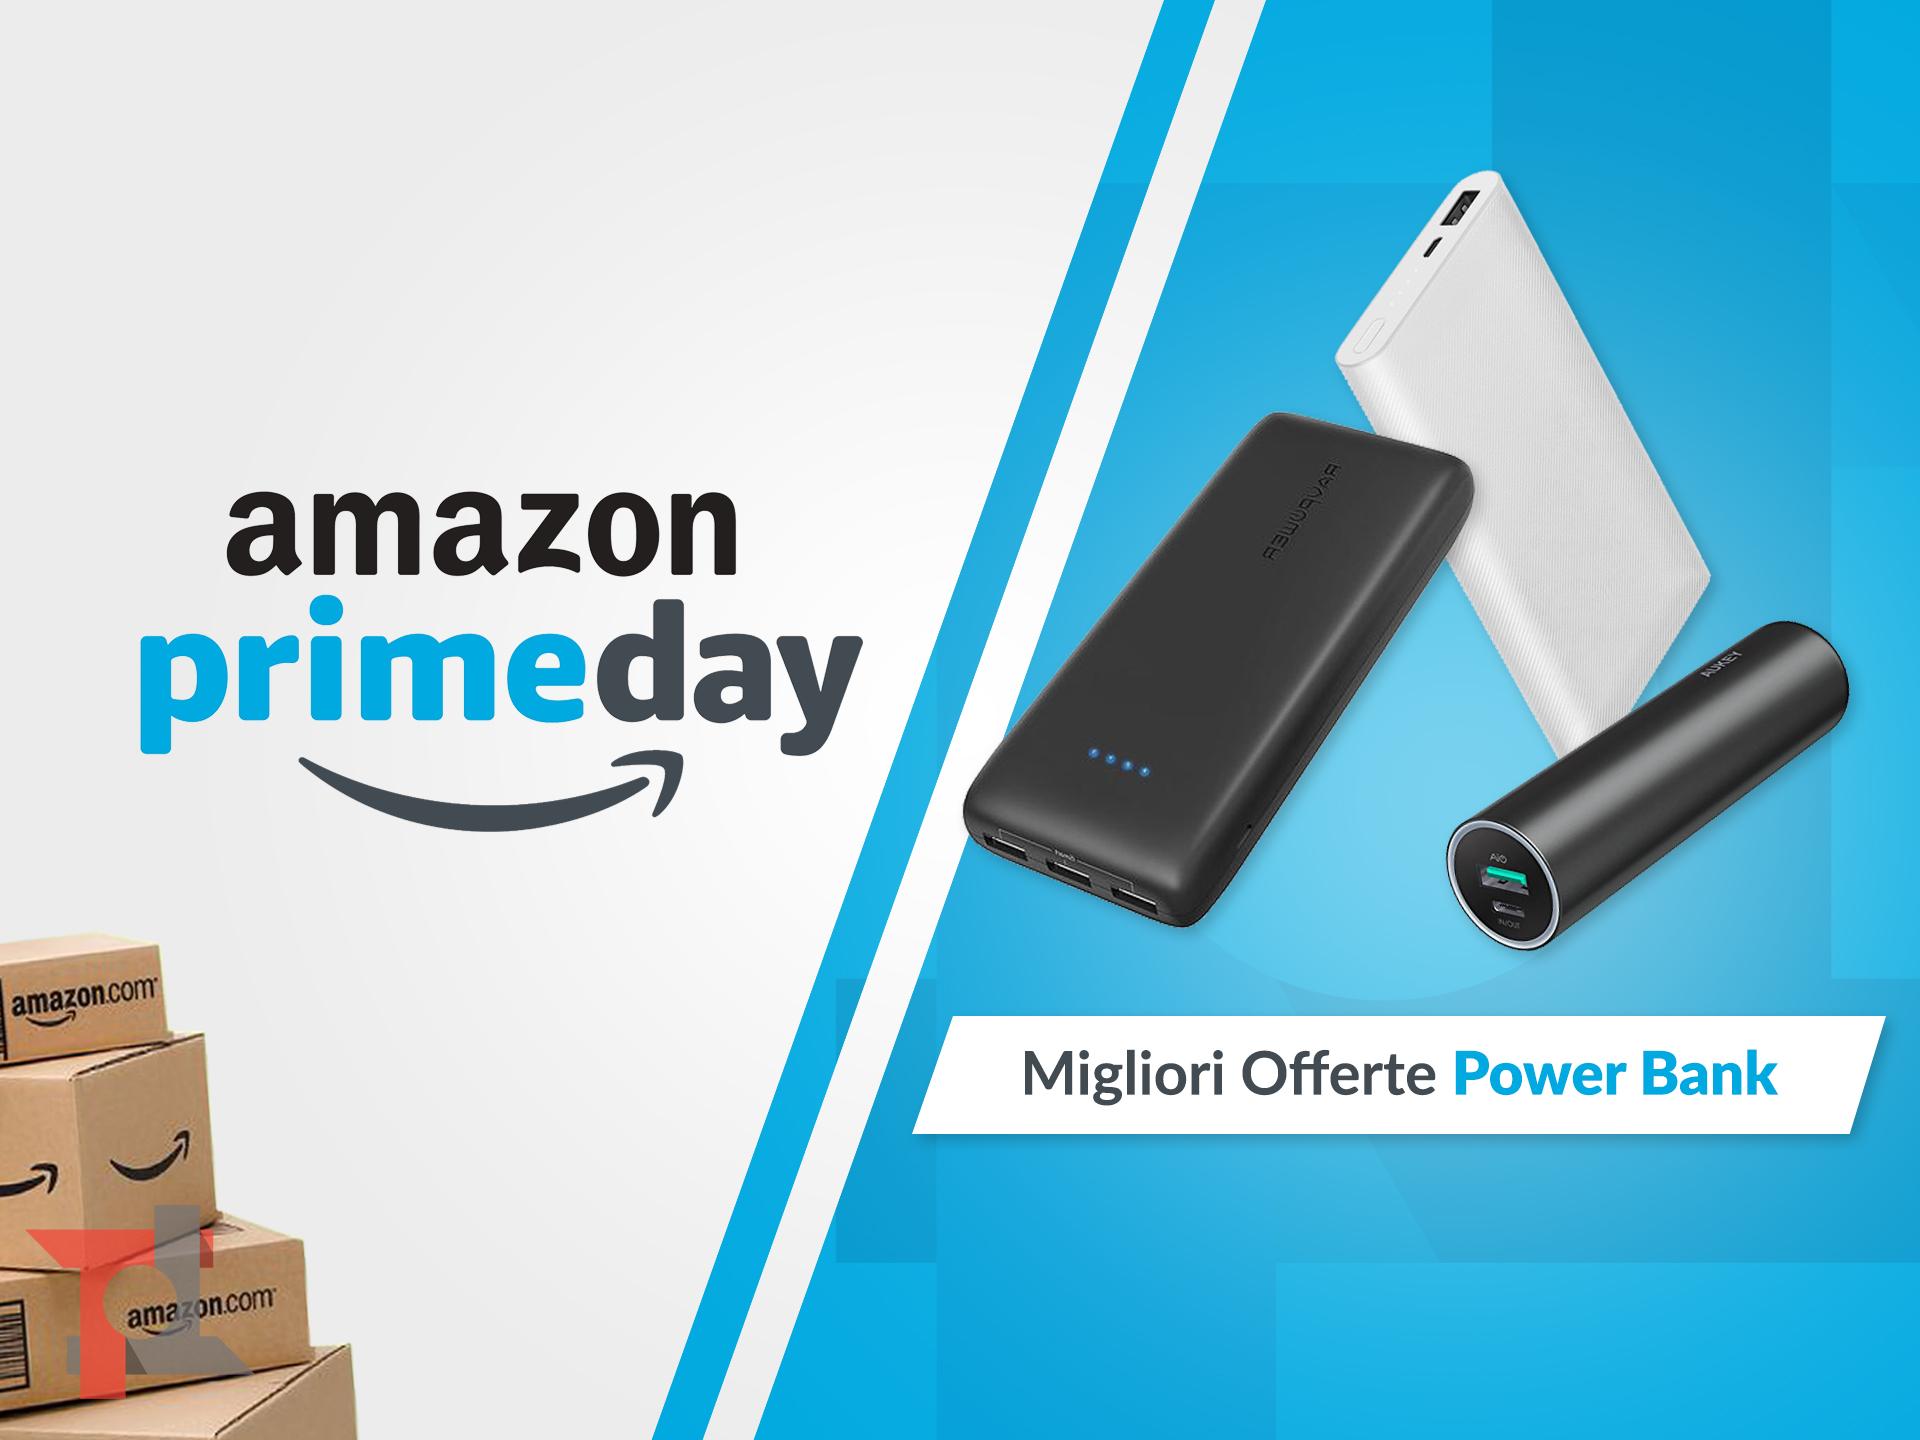 migliori offerte amazon prime day power bank